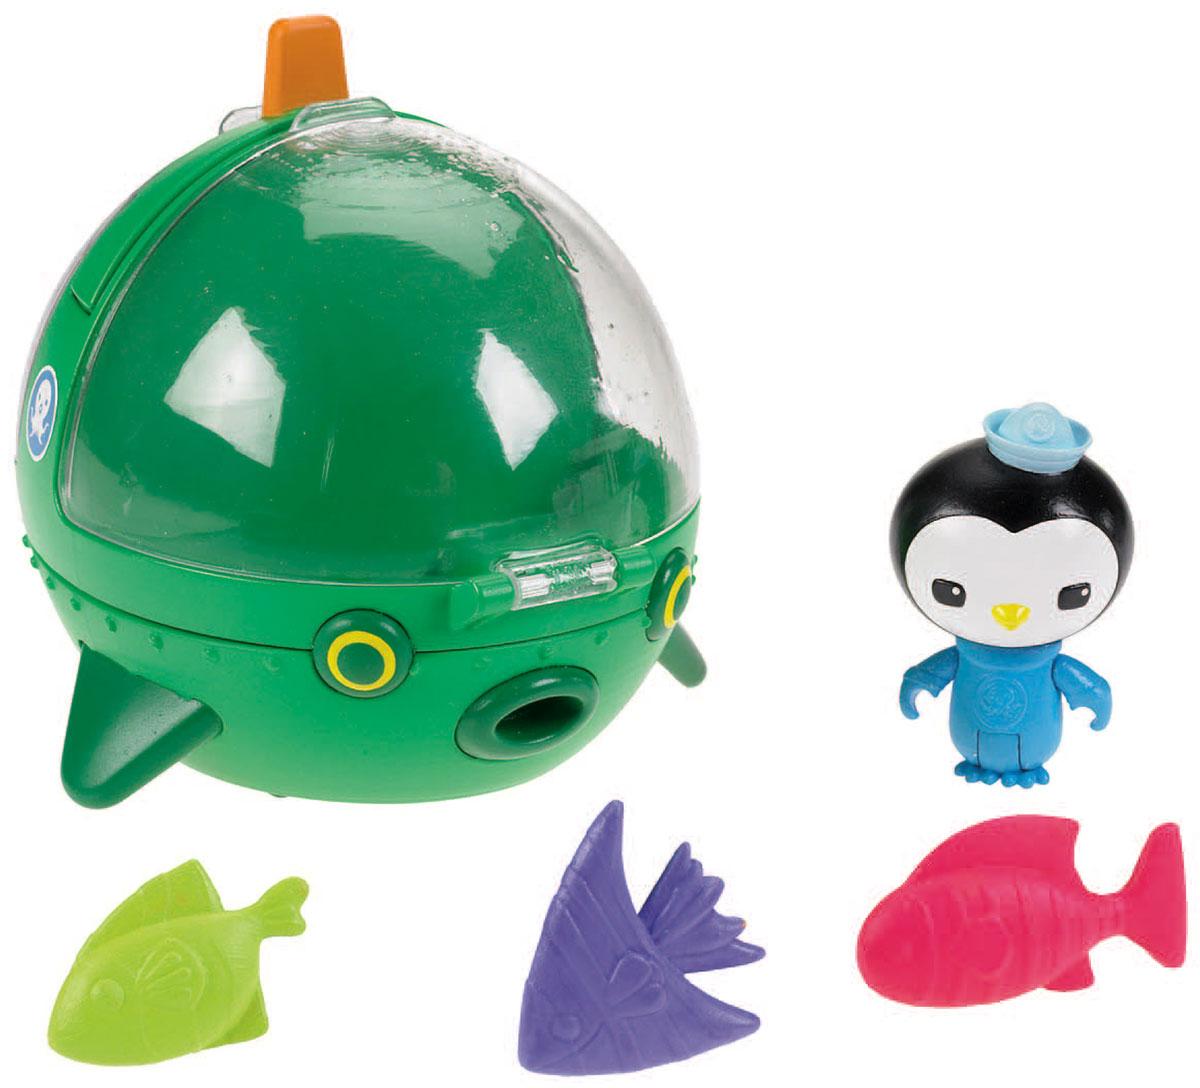 Octonauts Игровой набор Пейзо и подводная лодка Gup-E - Игровые наборы